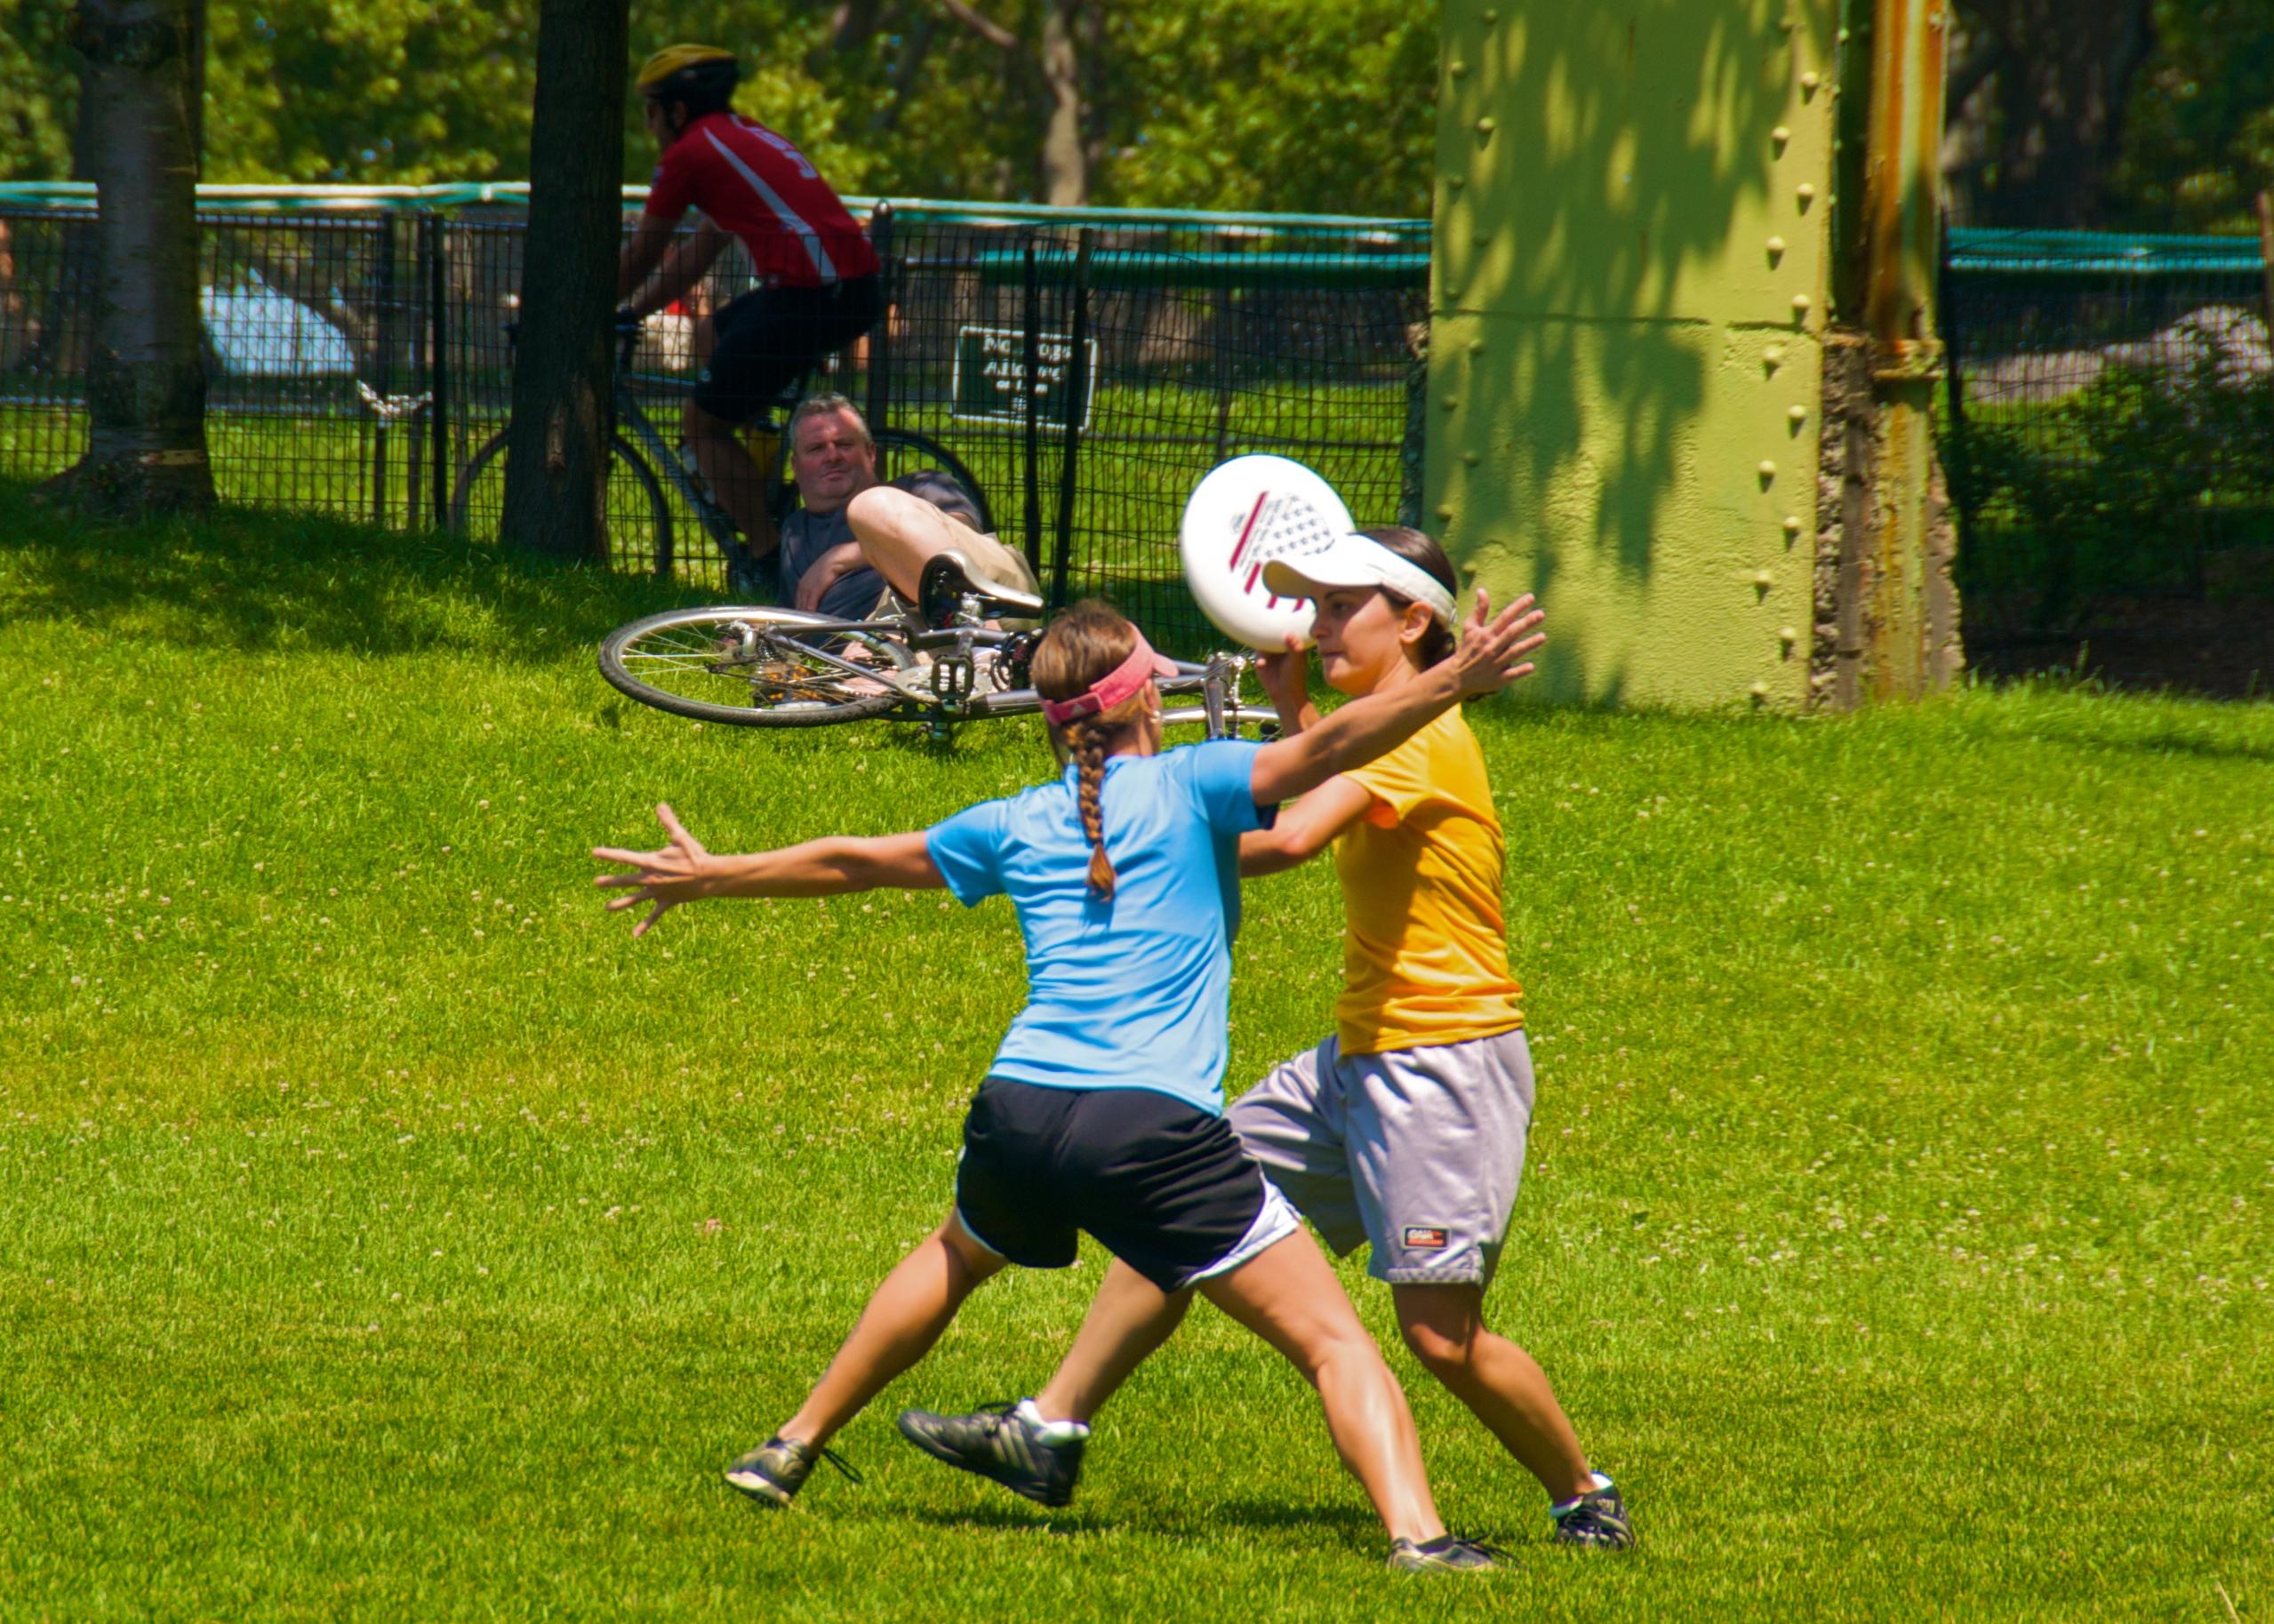 File:Ultimate Frisbee, Jul 2009 - 17.jpg - Wikimedia Commons